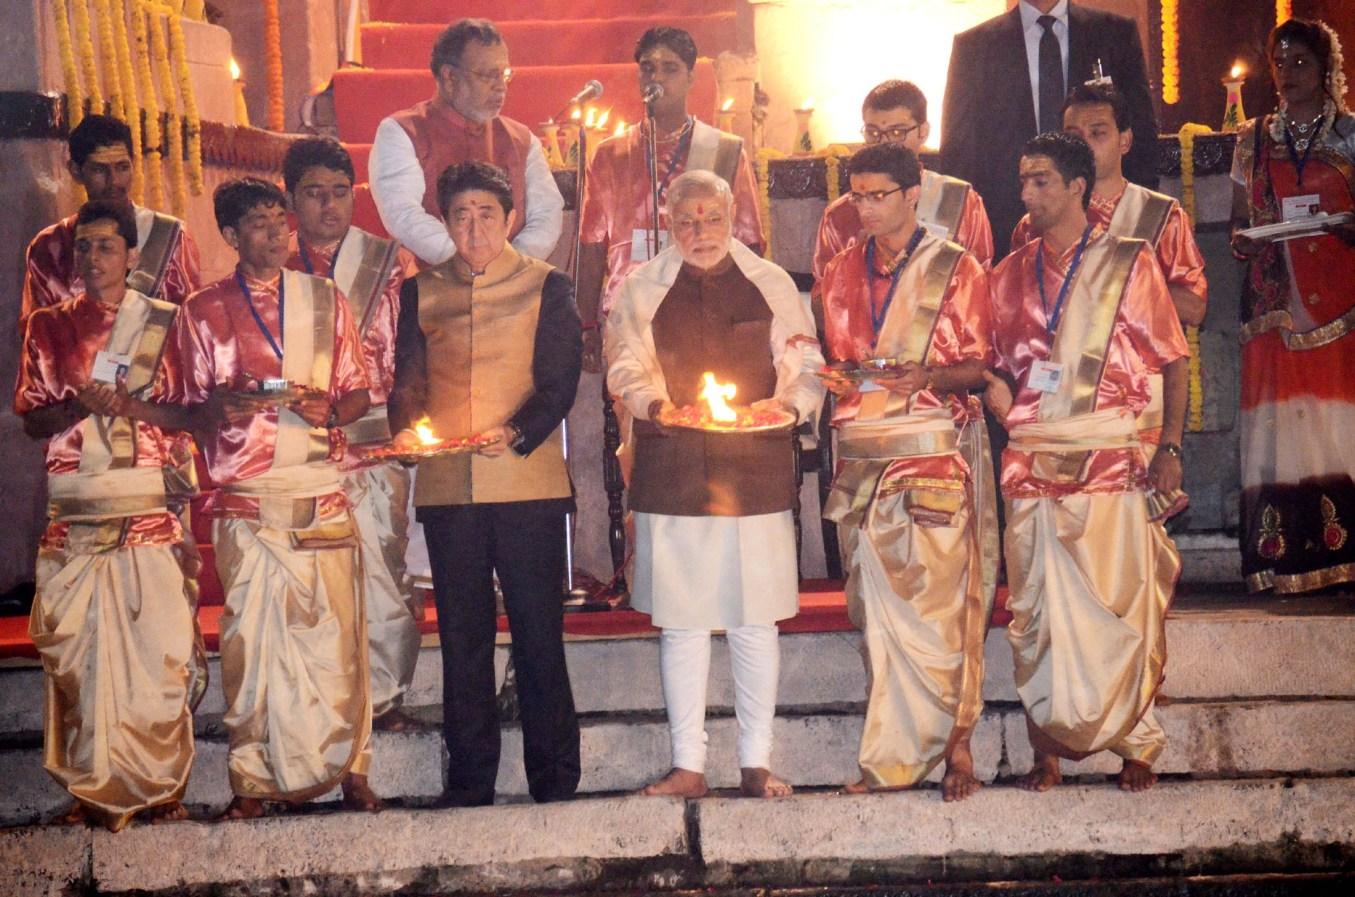 2015 میں جب جاپان کے وزیر اعظم ہندوستان آئے تھے تو وزیر اعظم نریندر مودی نے ان کے ساتھ بنارس کے دشاشومیدھ گھاٹ پر گنگا آرتی کی تھی۔ (فوٹو : پی آئی بی)